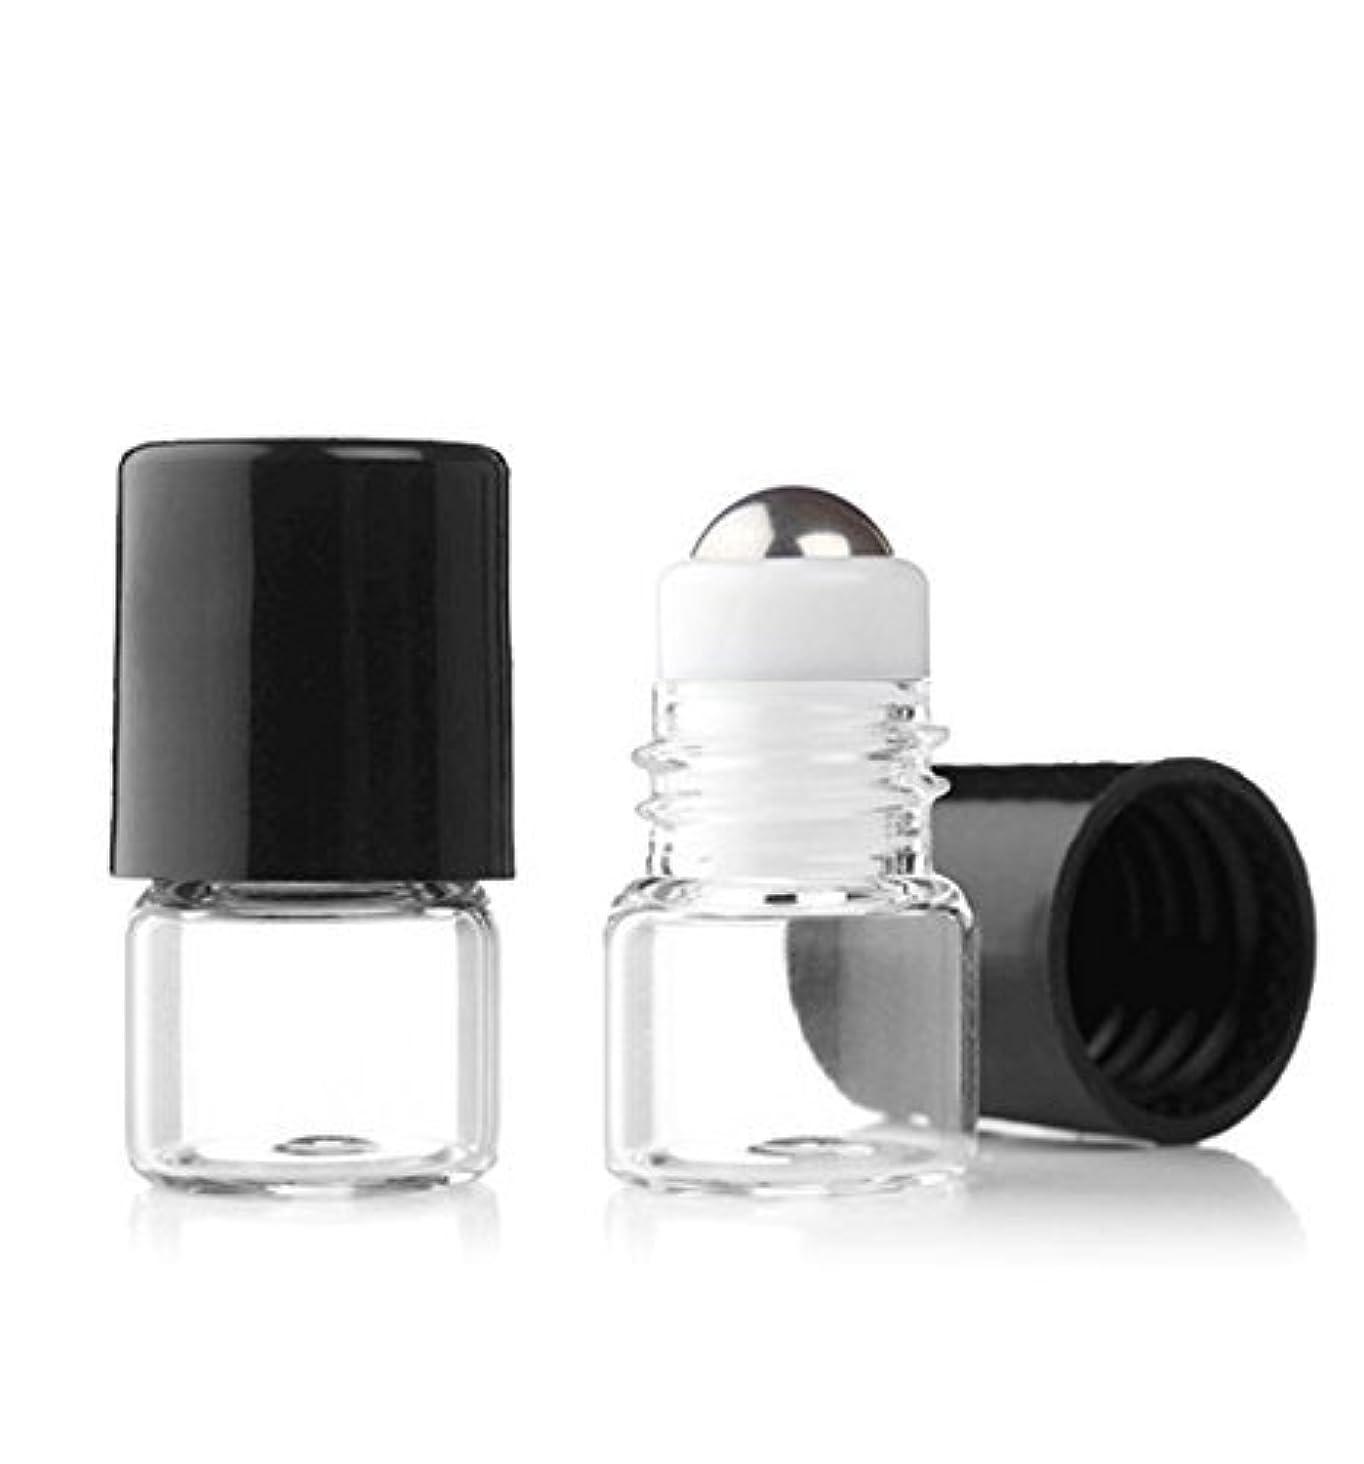 憲法六陰気Grand Parfums Empty 1ml Micro Mini Rollon Dram Glass Bottles with Metal Roller Balls - Refillable Aromatherapy...